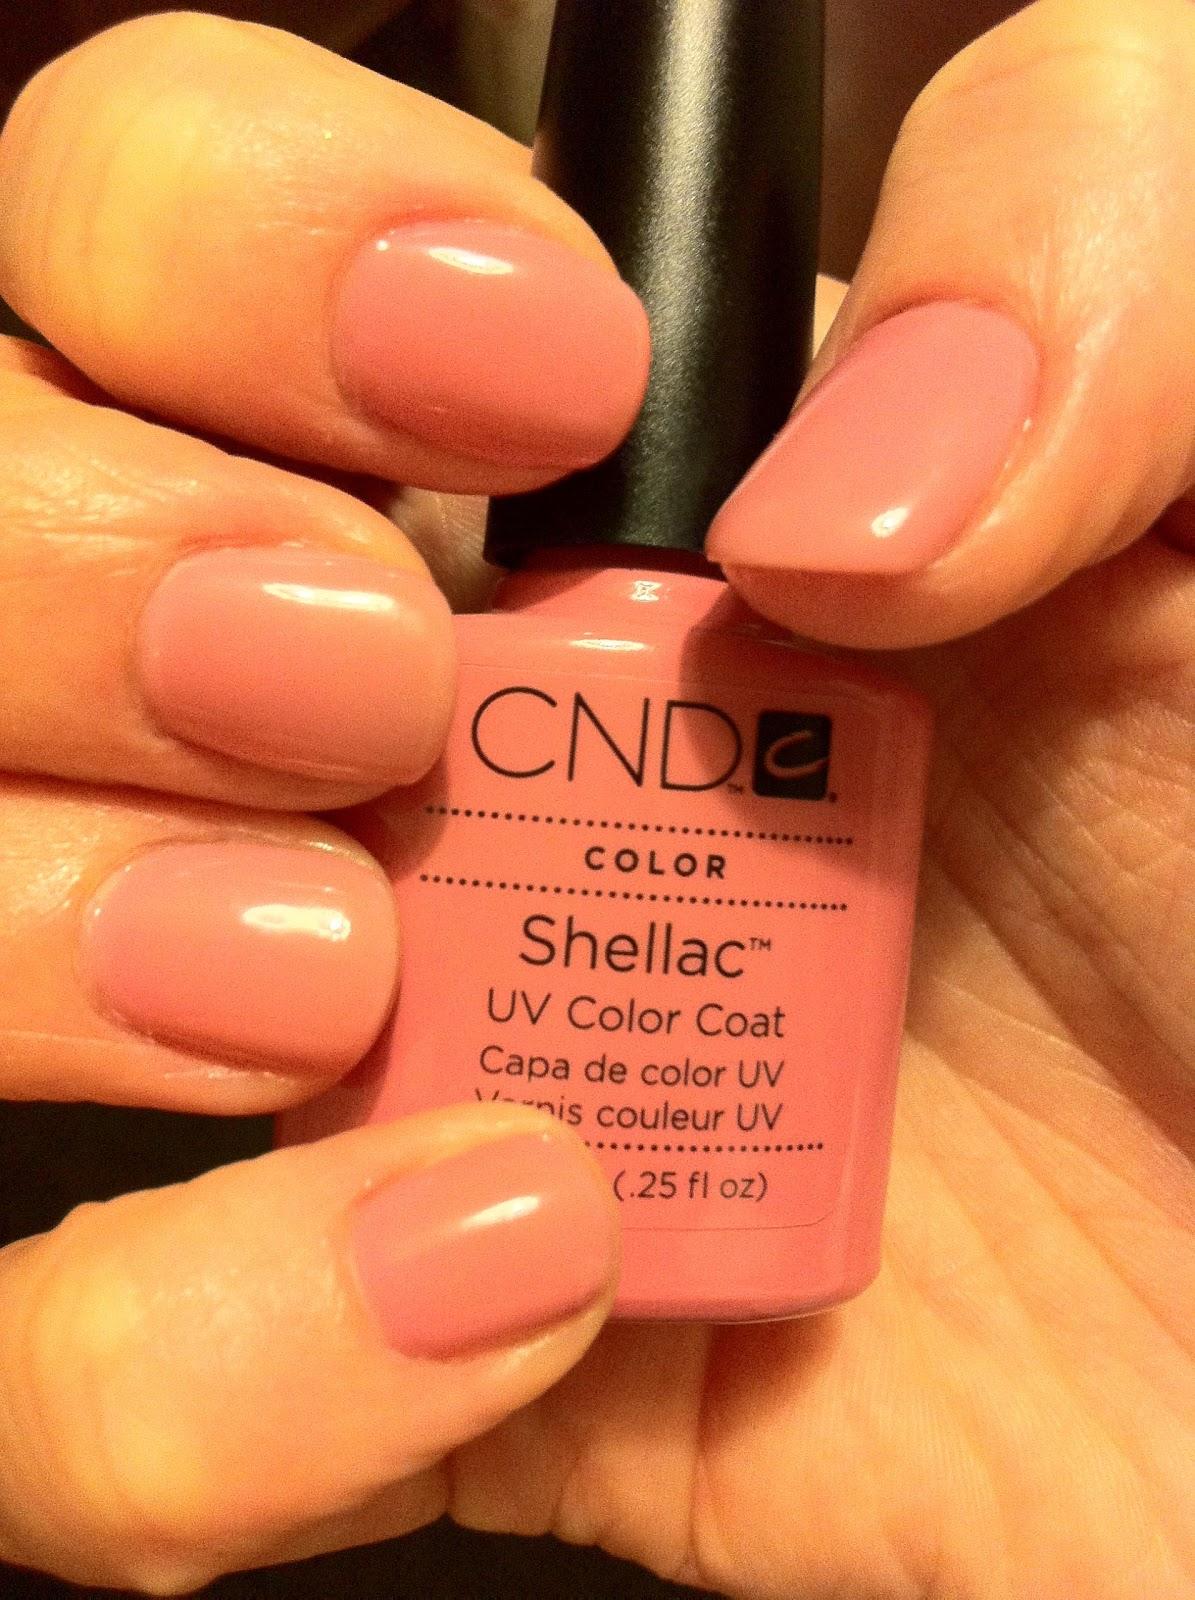 Cnd Creative Play Nail Lacquer Reviews In Nail Polish: Brush Up And Polish Up!: CND Shellac Rosebud